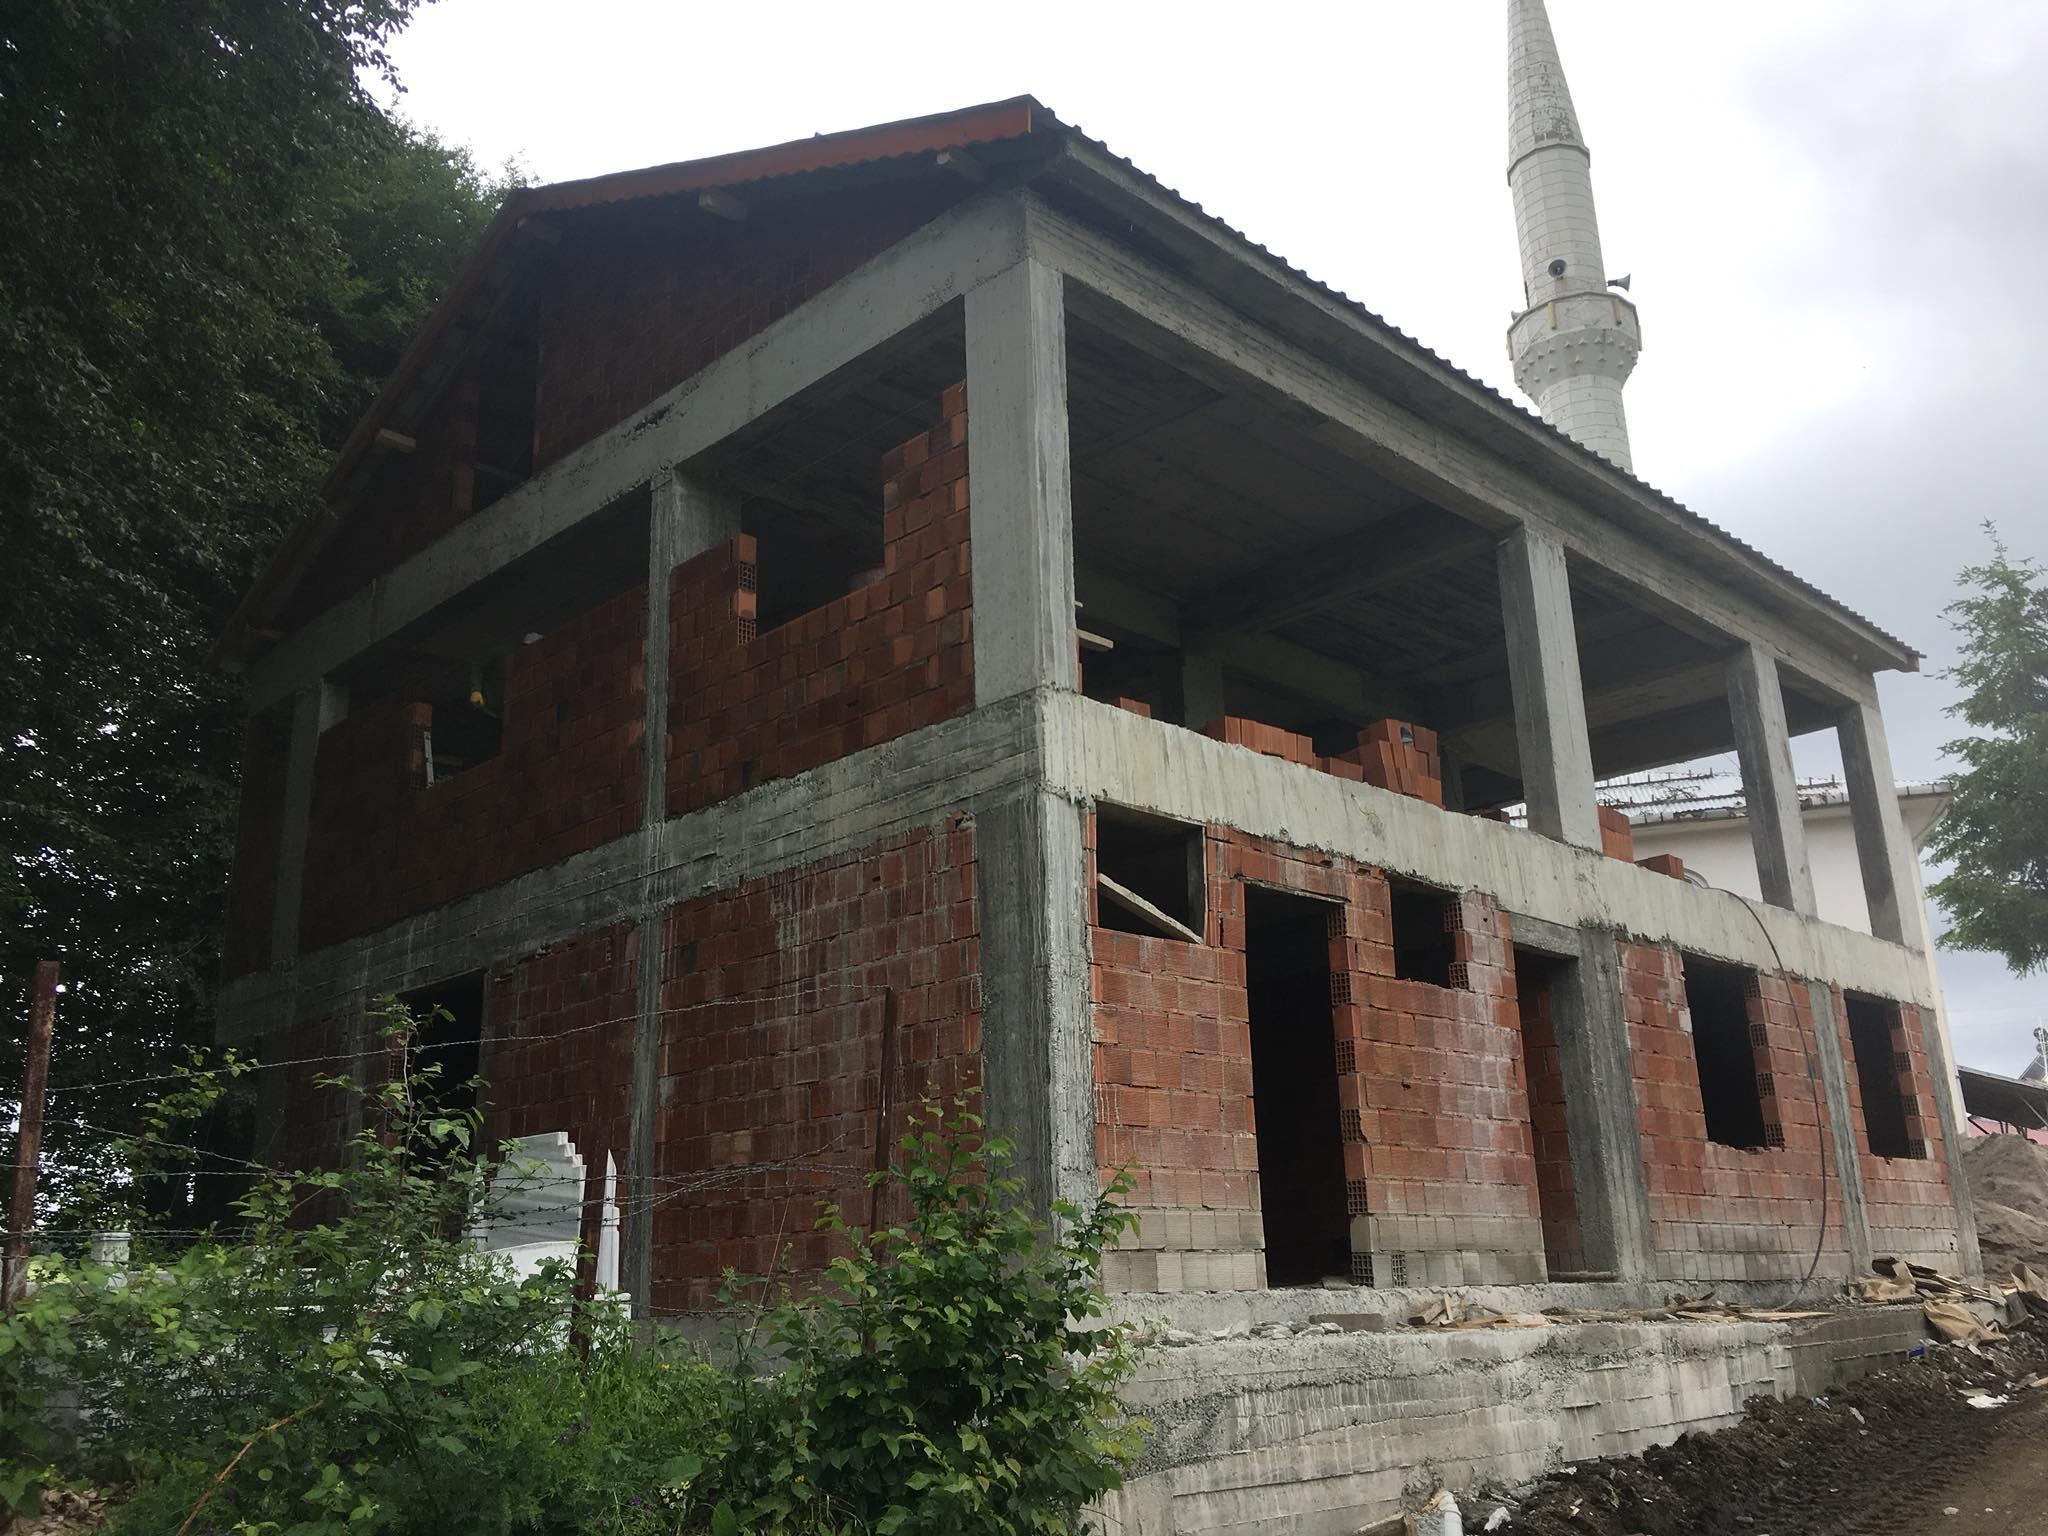 Çukurköy Mahallesi Aş Evi İnşaatının Son Hali. İnşallah Bu Sene Hizmete Girecek. Çukurköy Neler Yapıldı? Neler Yapılacak?